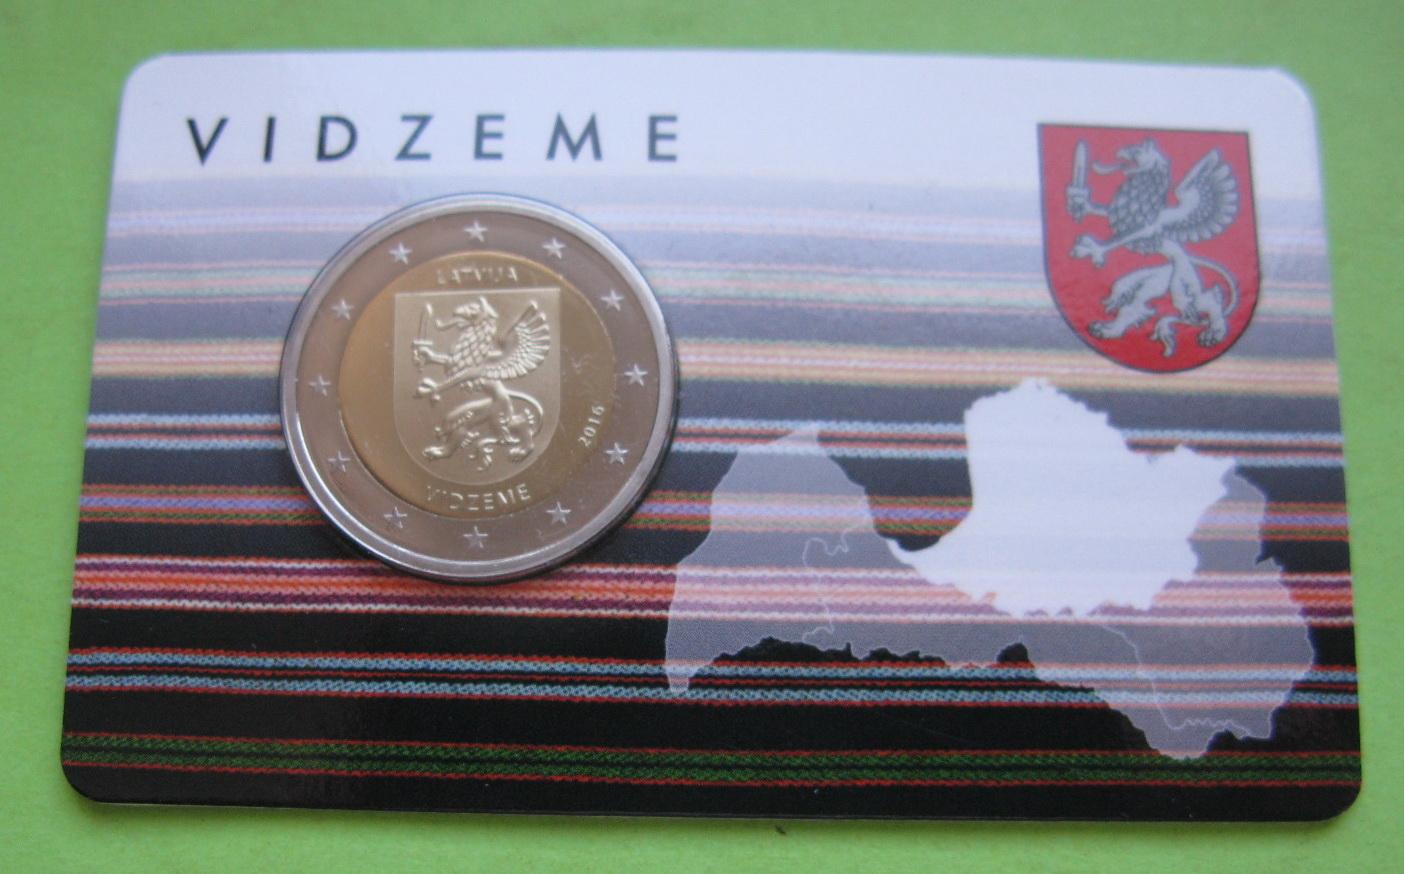 Латвия 2 евро 2016 г. Историческая область - Видземе (в карточке)